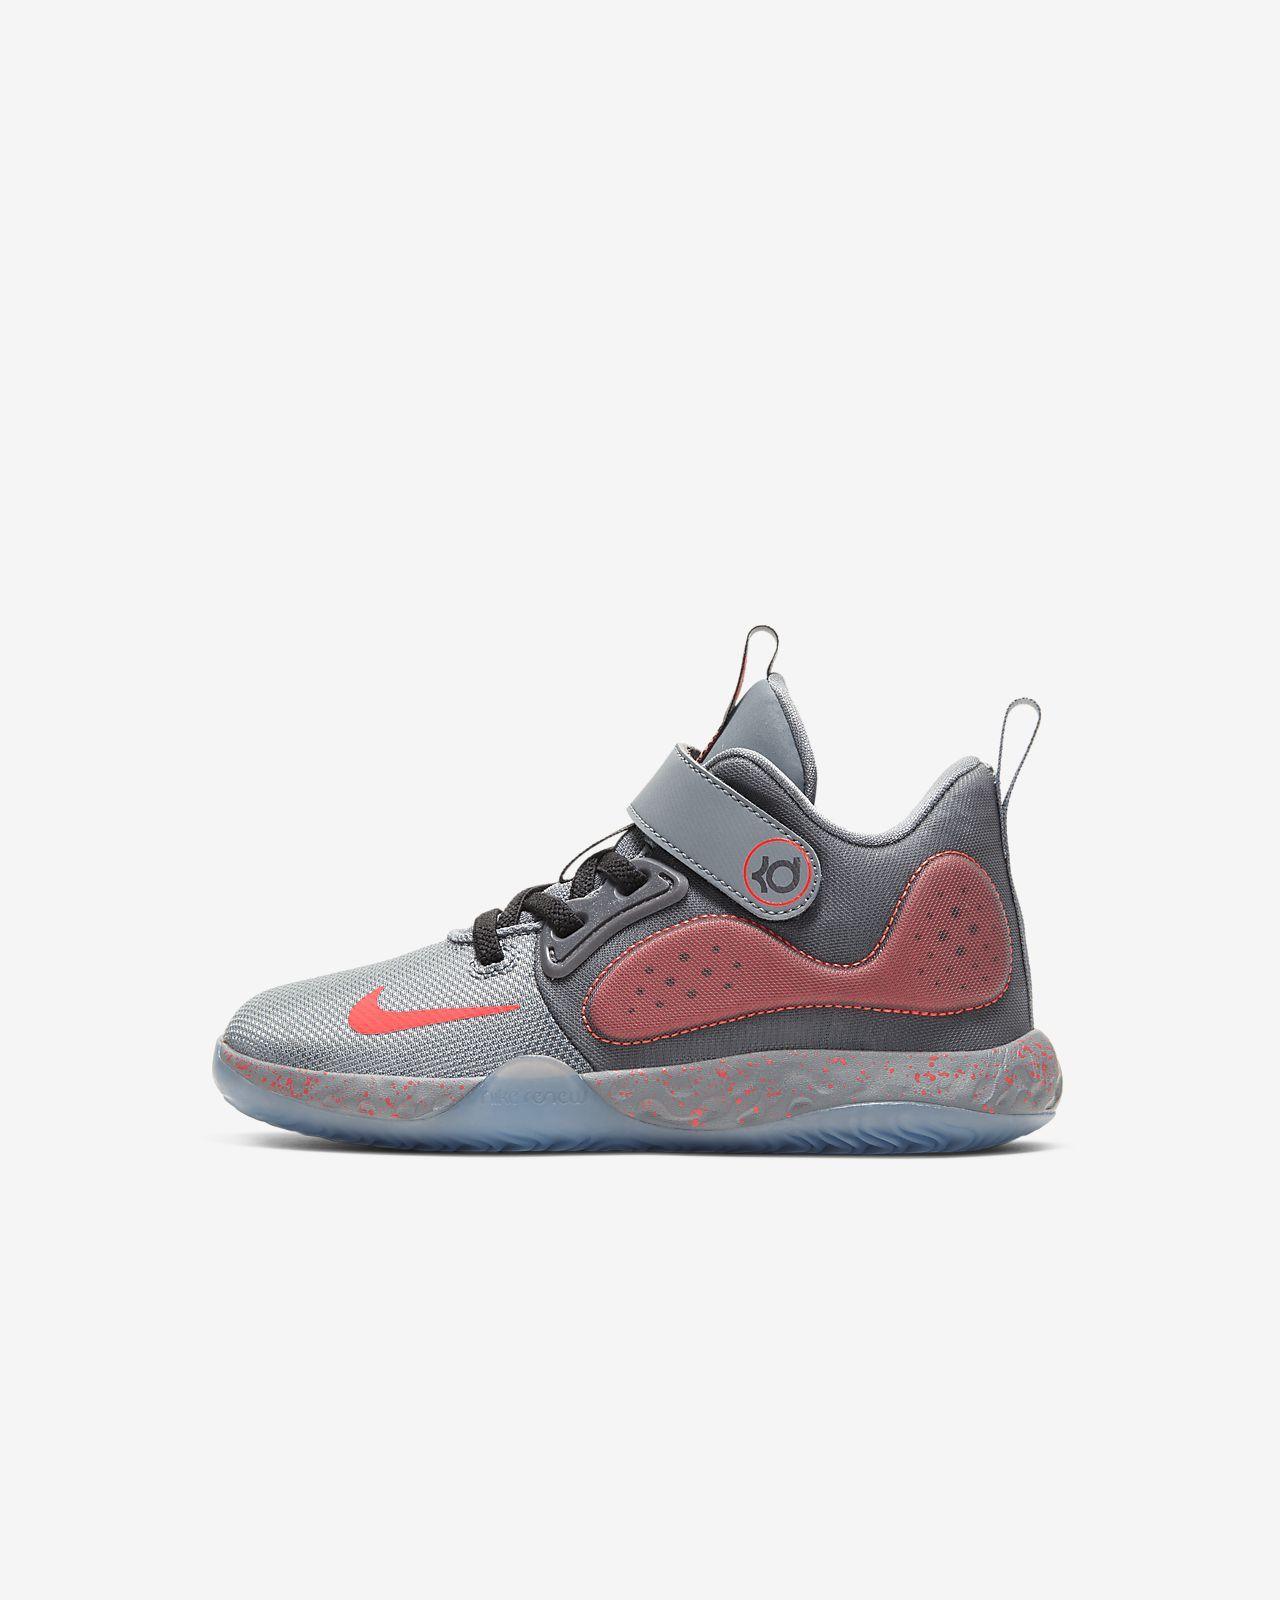 KD Trey 5 VII Little Kids' Shoe